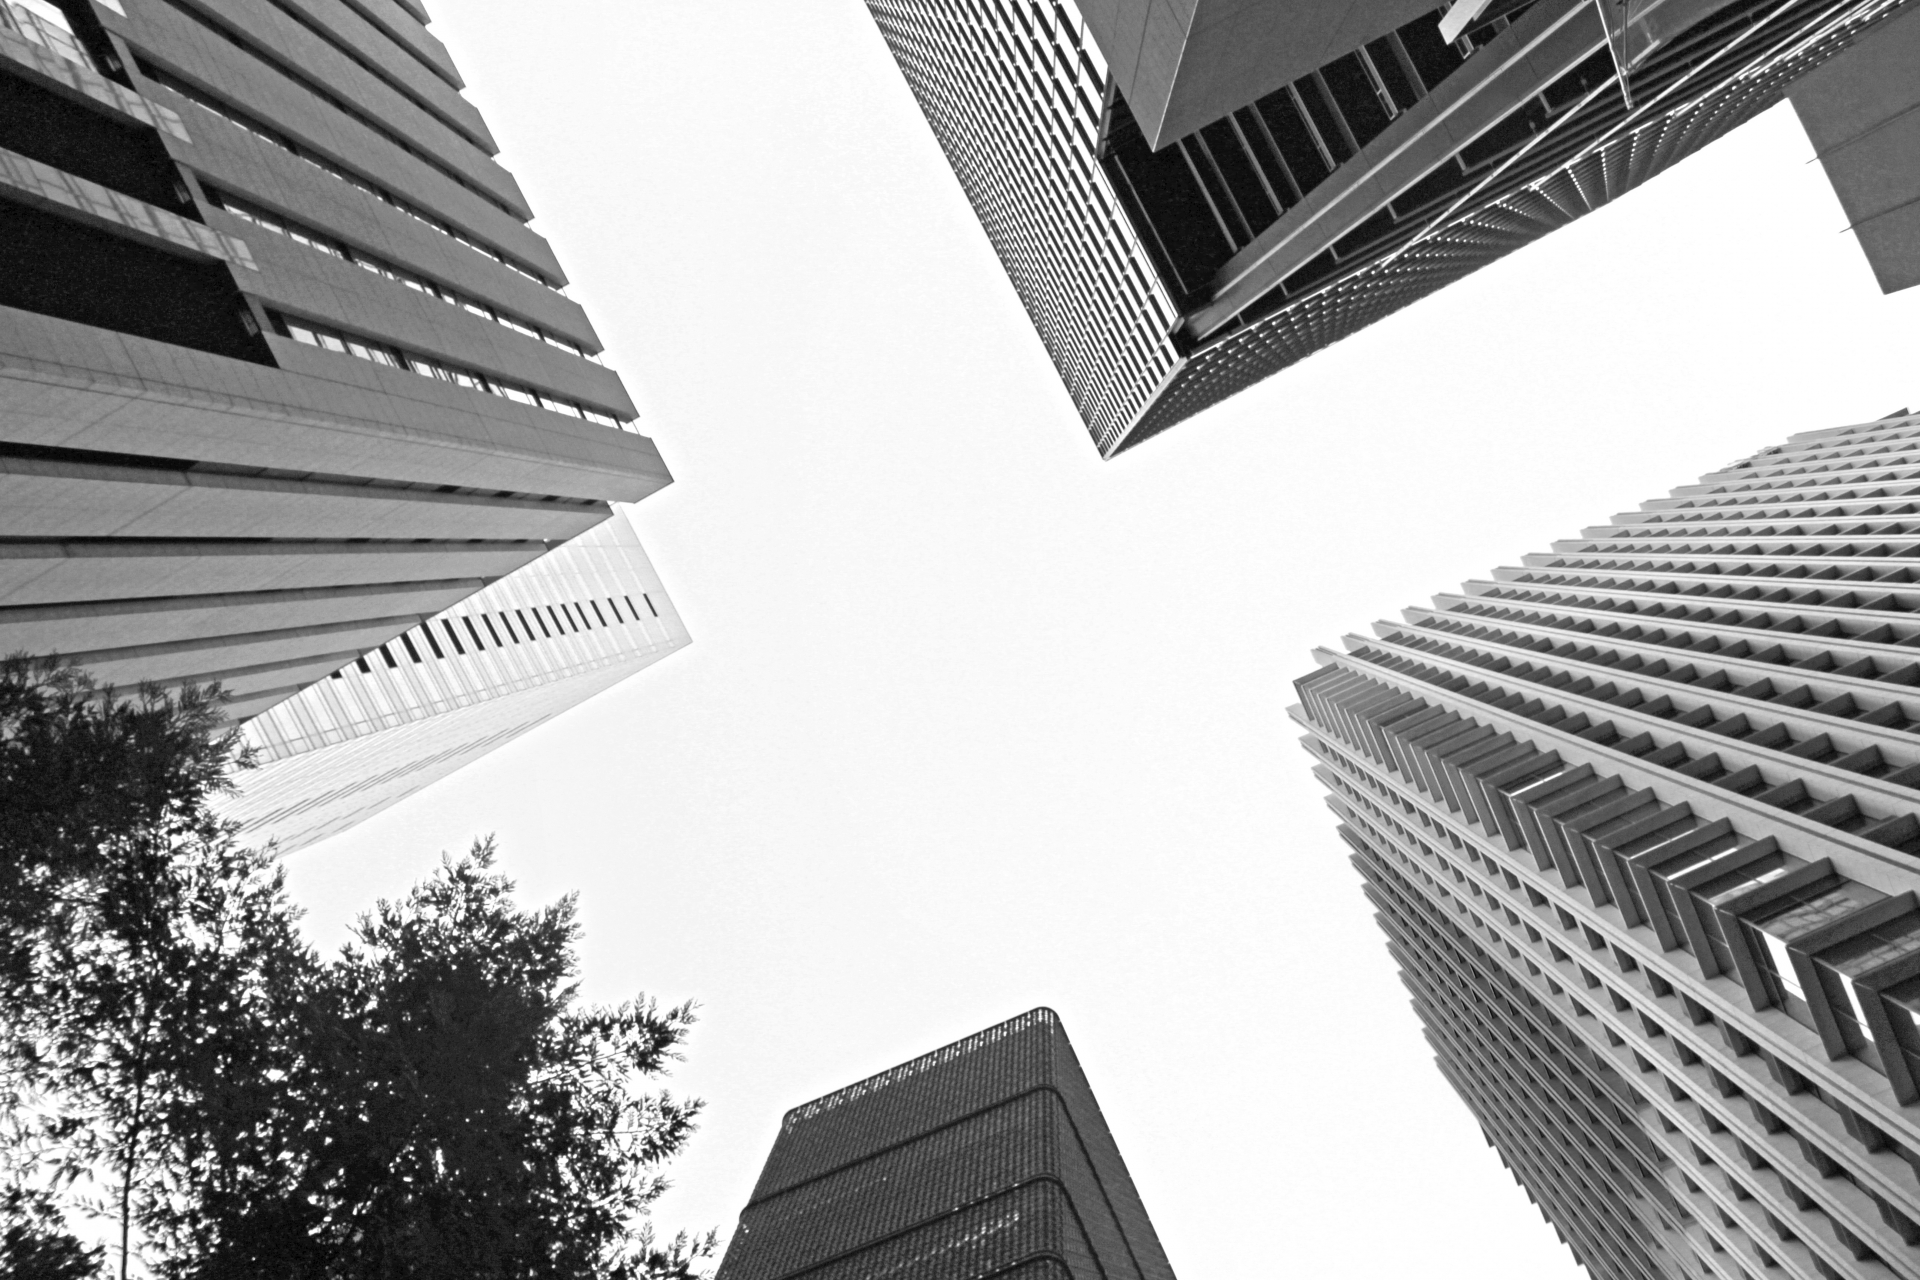 マンション大規模修繕工事の周期延長が広まらない業界側の3つの事情